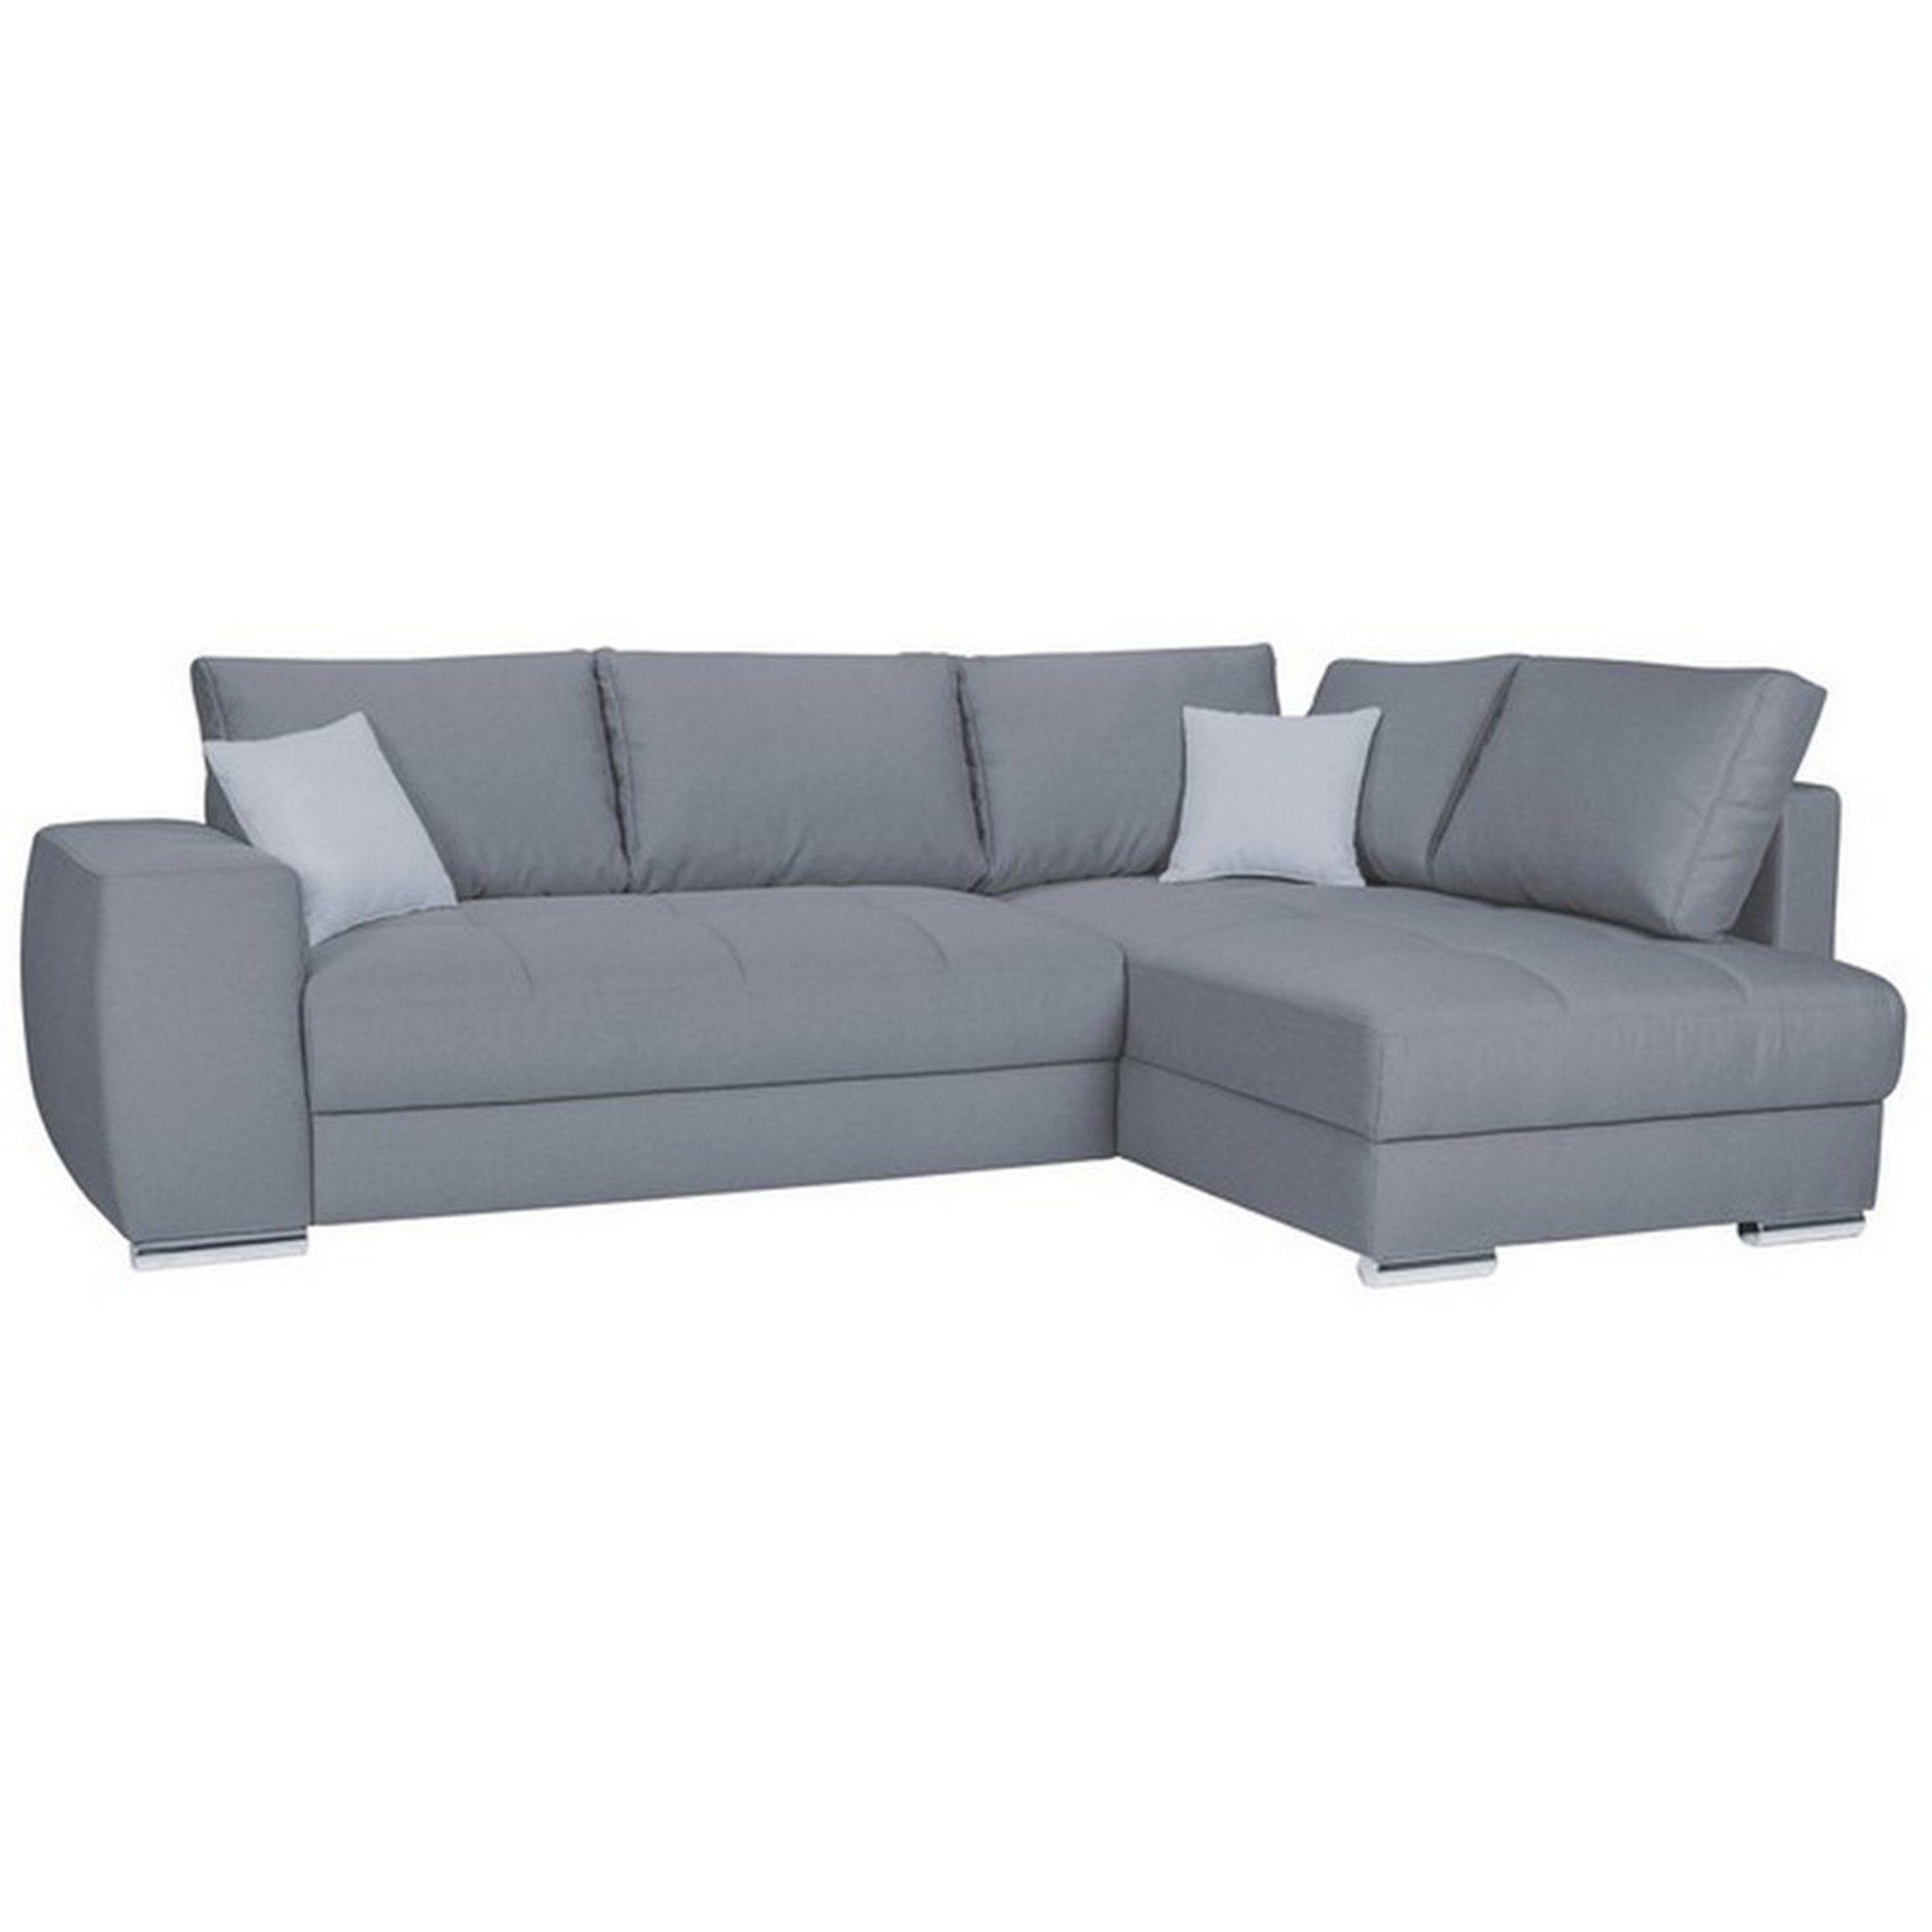 eckcouch mit schlaffunktion preisvergleich die besten angebote online kaufen. Black Bedroom Furniture Sets. Home Design Ideas